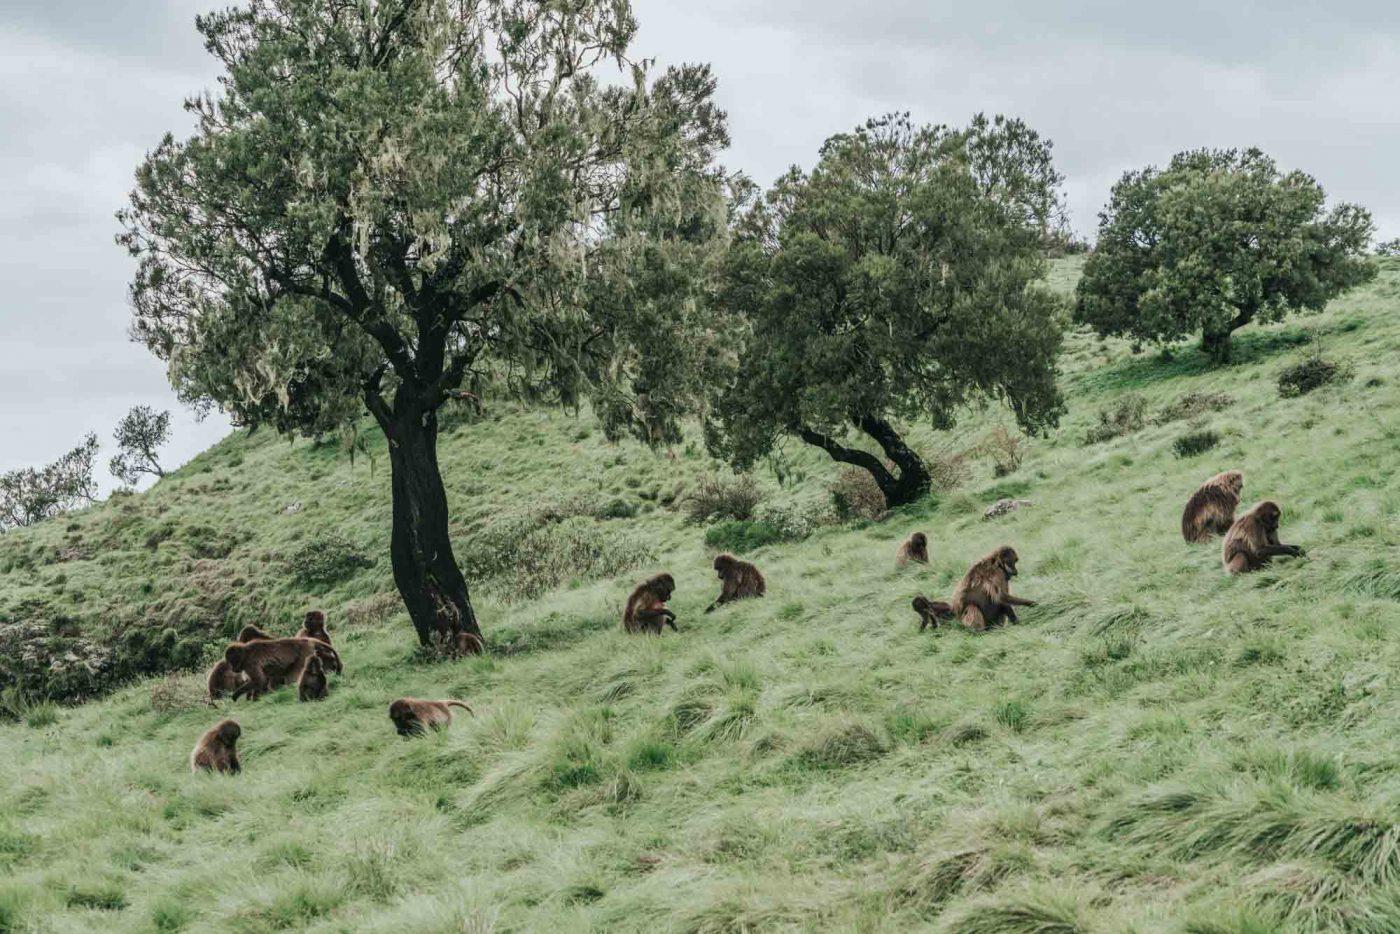 Troop of gelada monkeys in Simien Mountains National Park, Northern Ethiopia